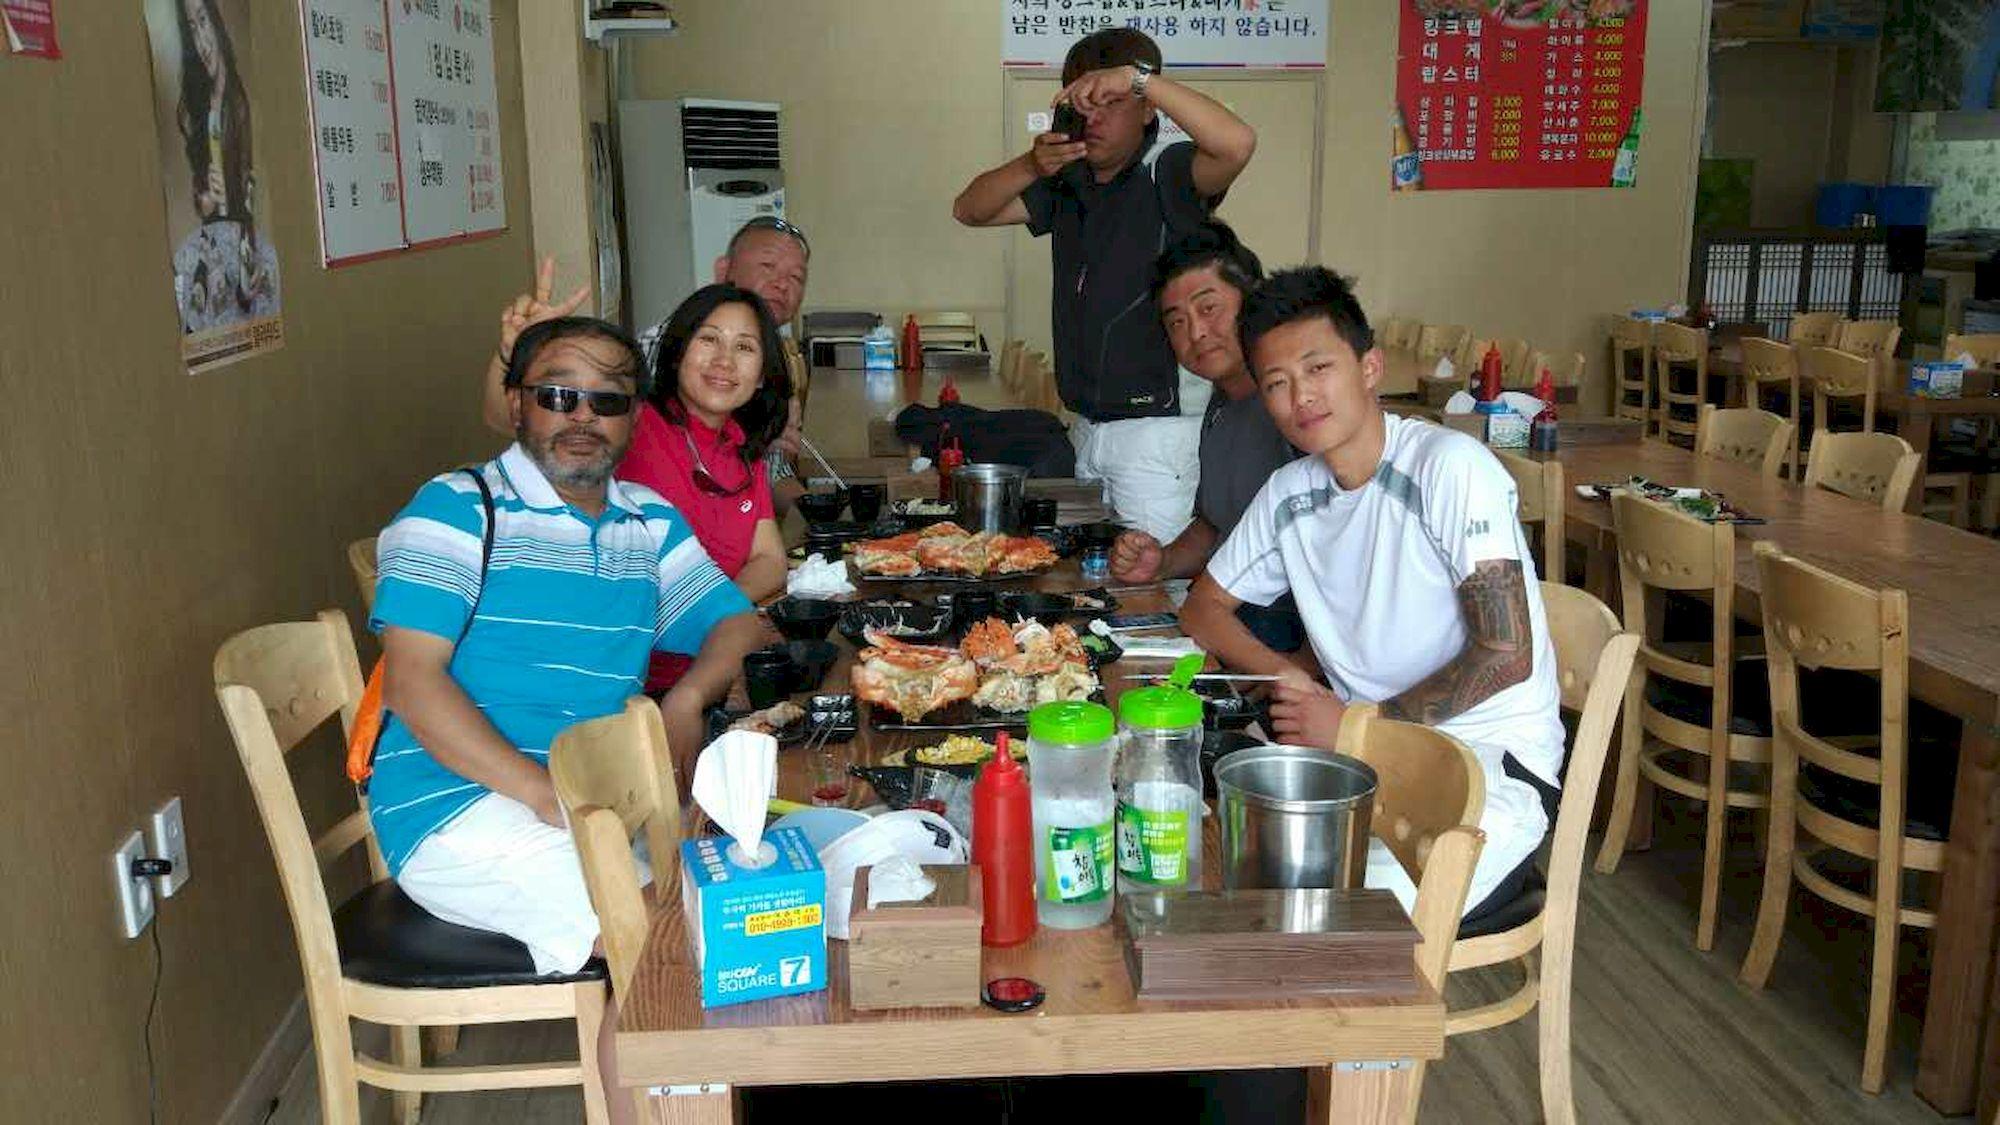 026-IMG_3235_千帆俱乐部我要航海网帆船队-2016威海-仁川国际帆船赛.JPG